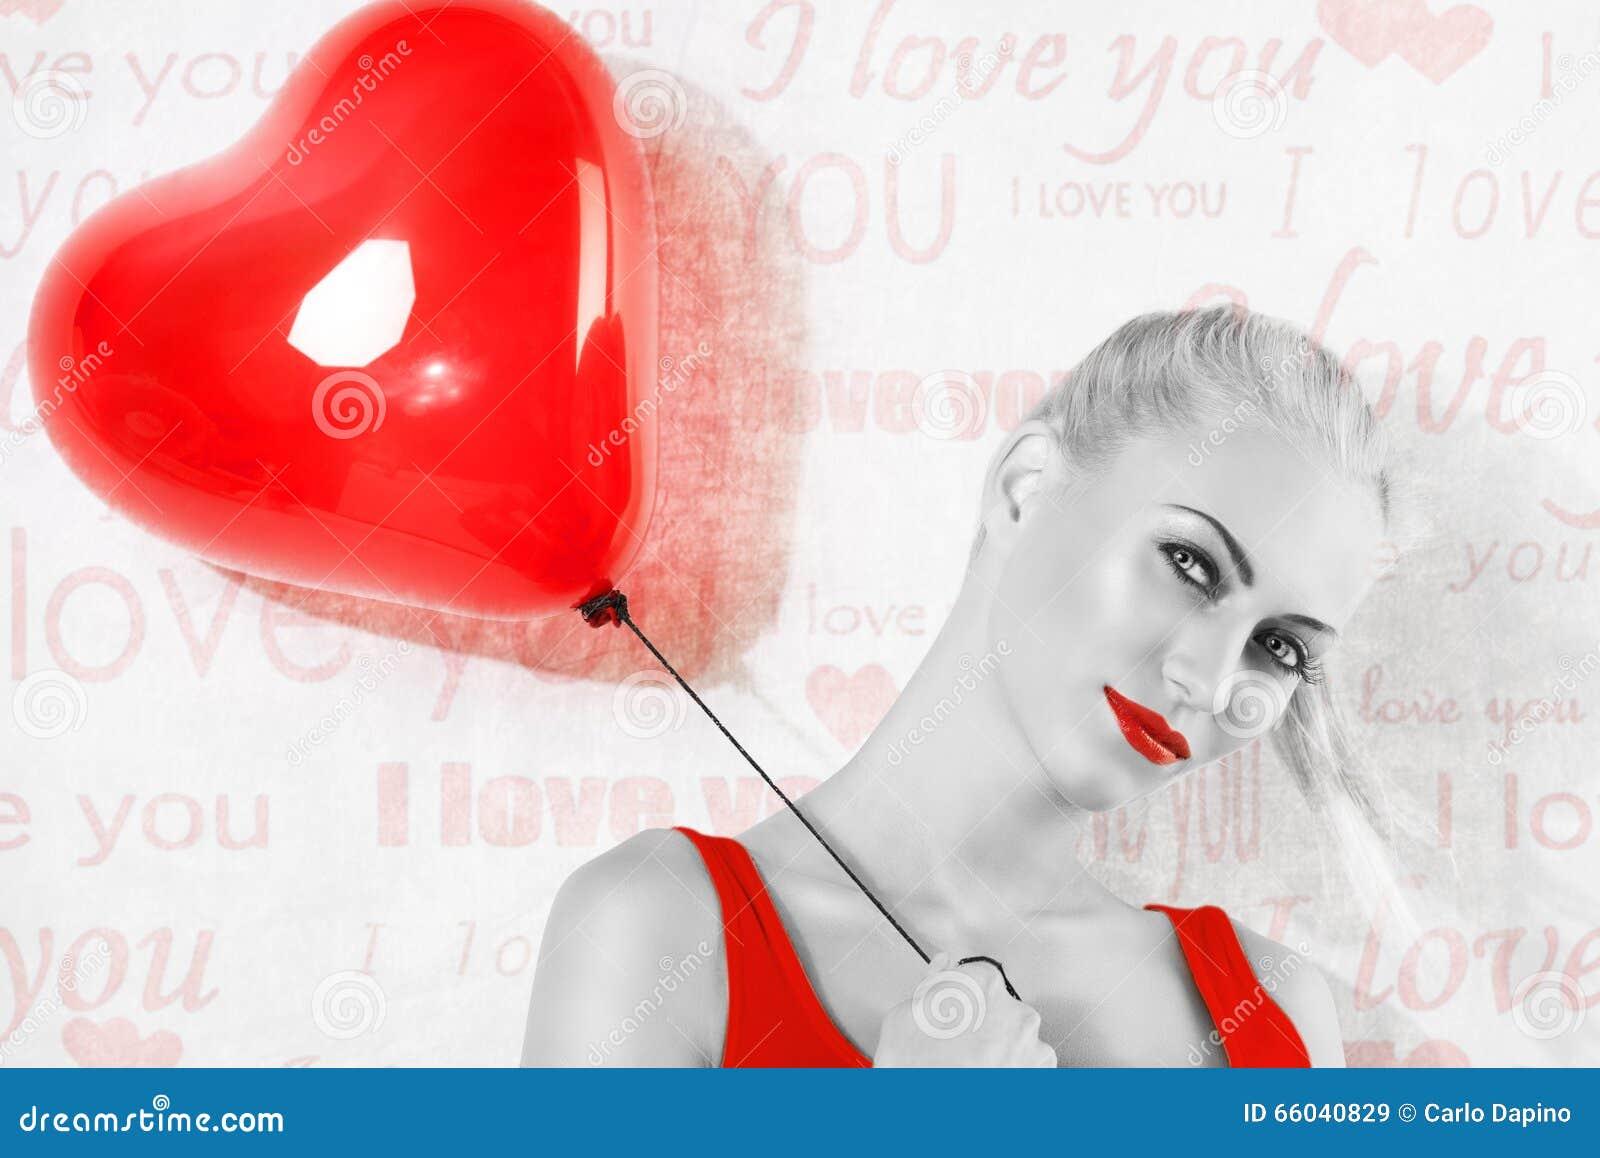 Colpo di BW, della ragazza bionda sexy con il pallone rosso del cuore